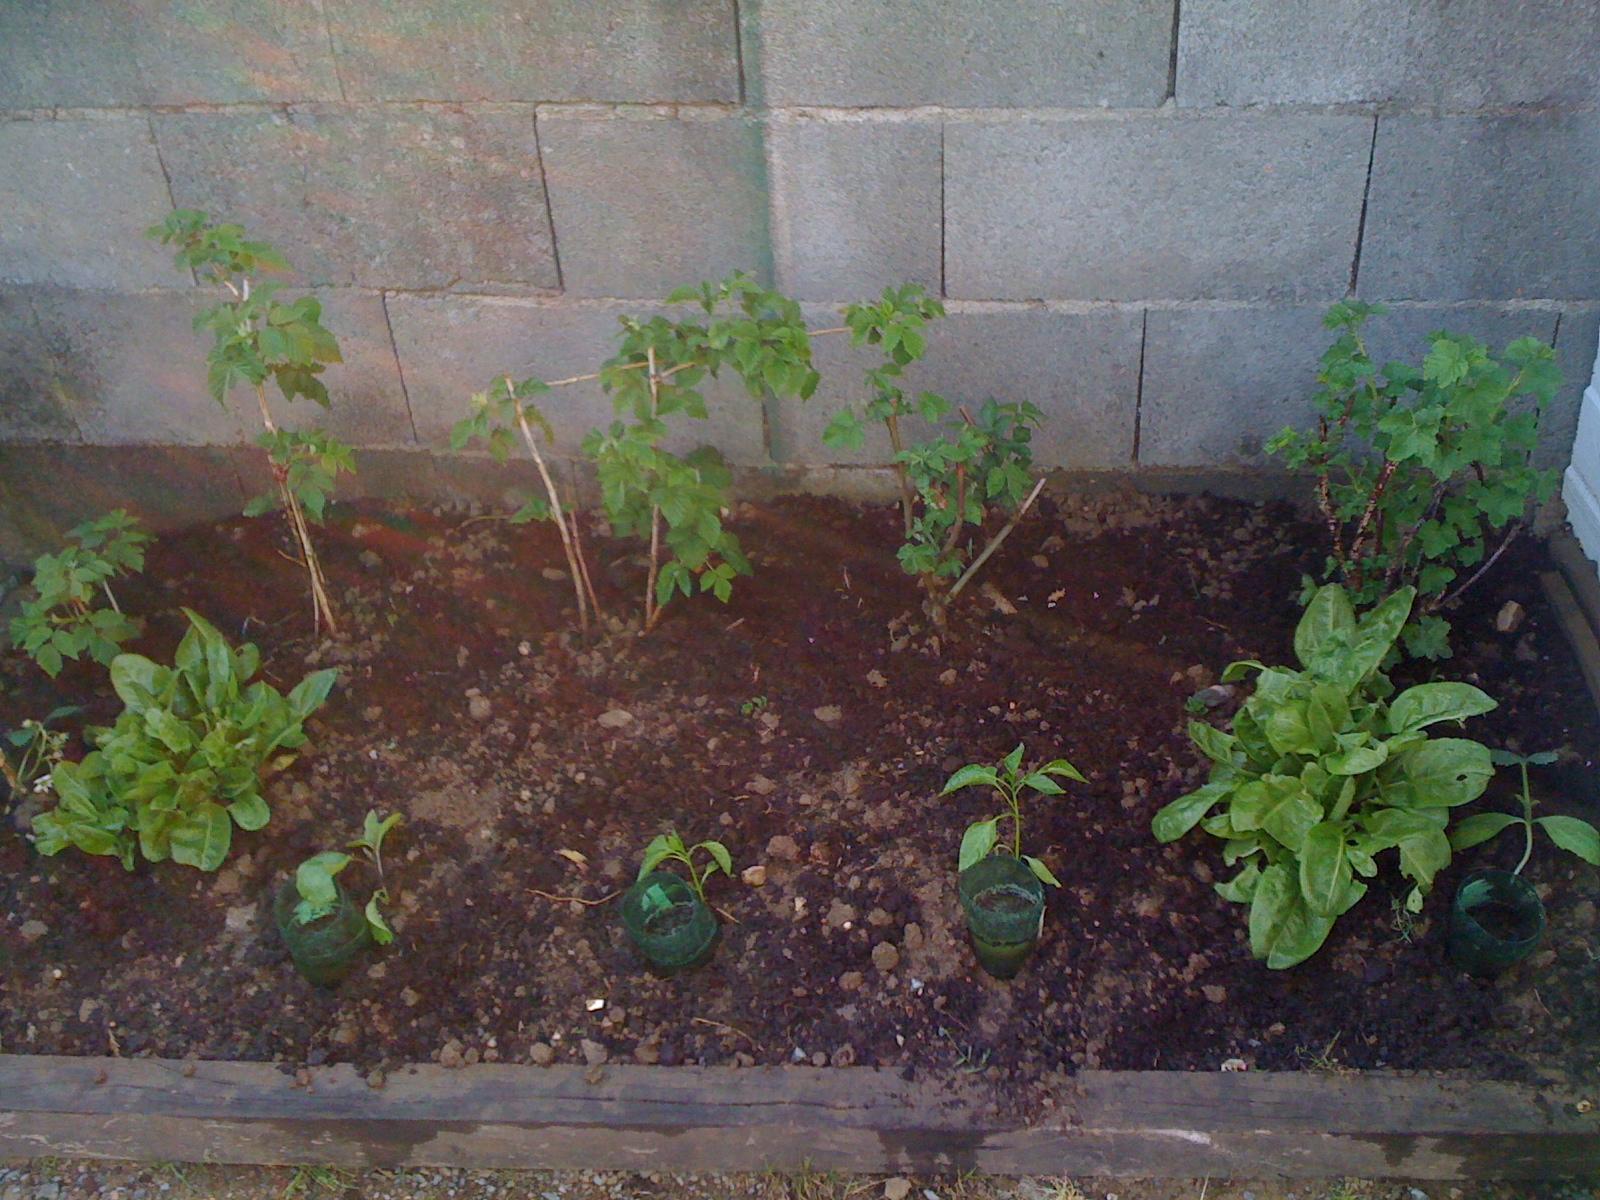 Vue générale du potager